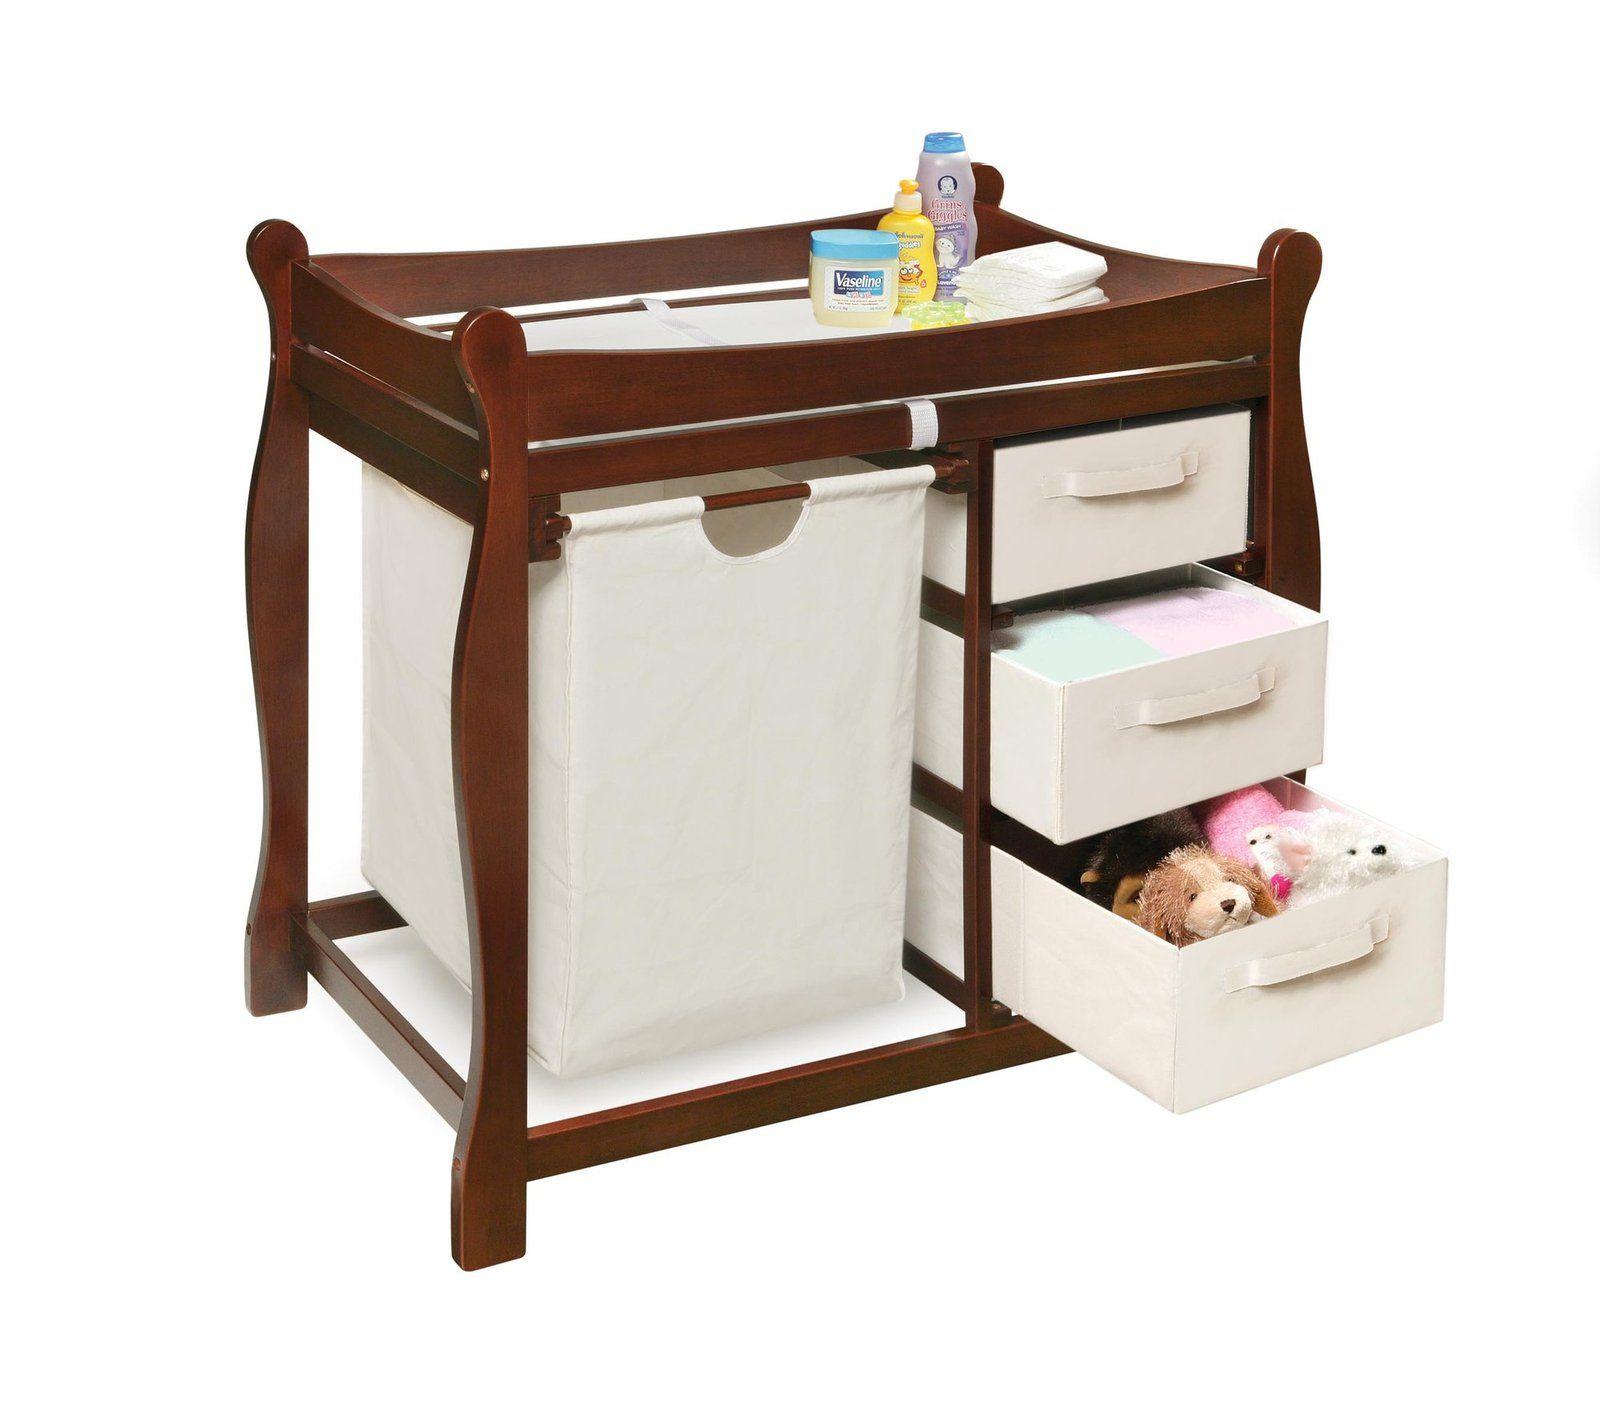 Diaperscomnursery badger basket changing table with hamper u baskets